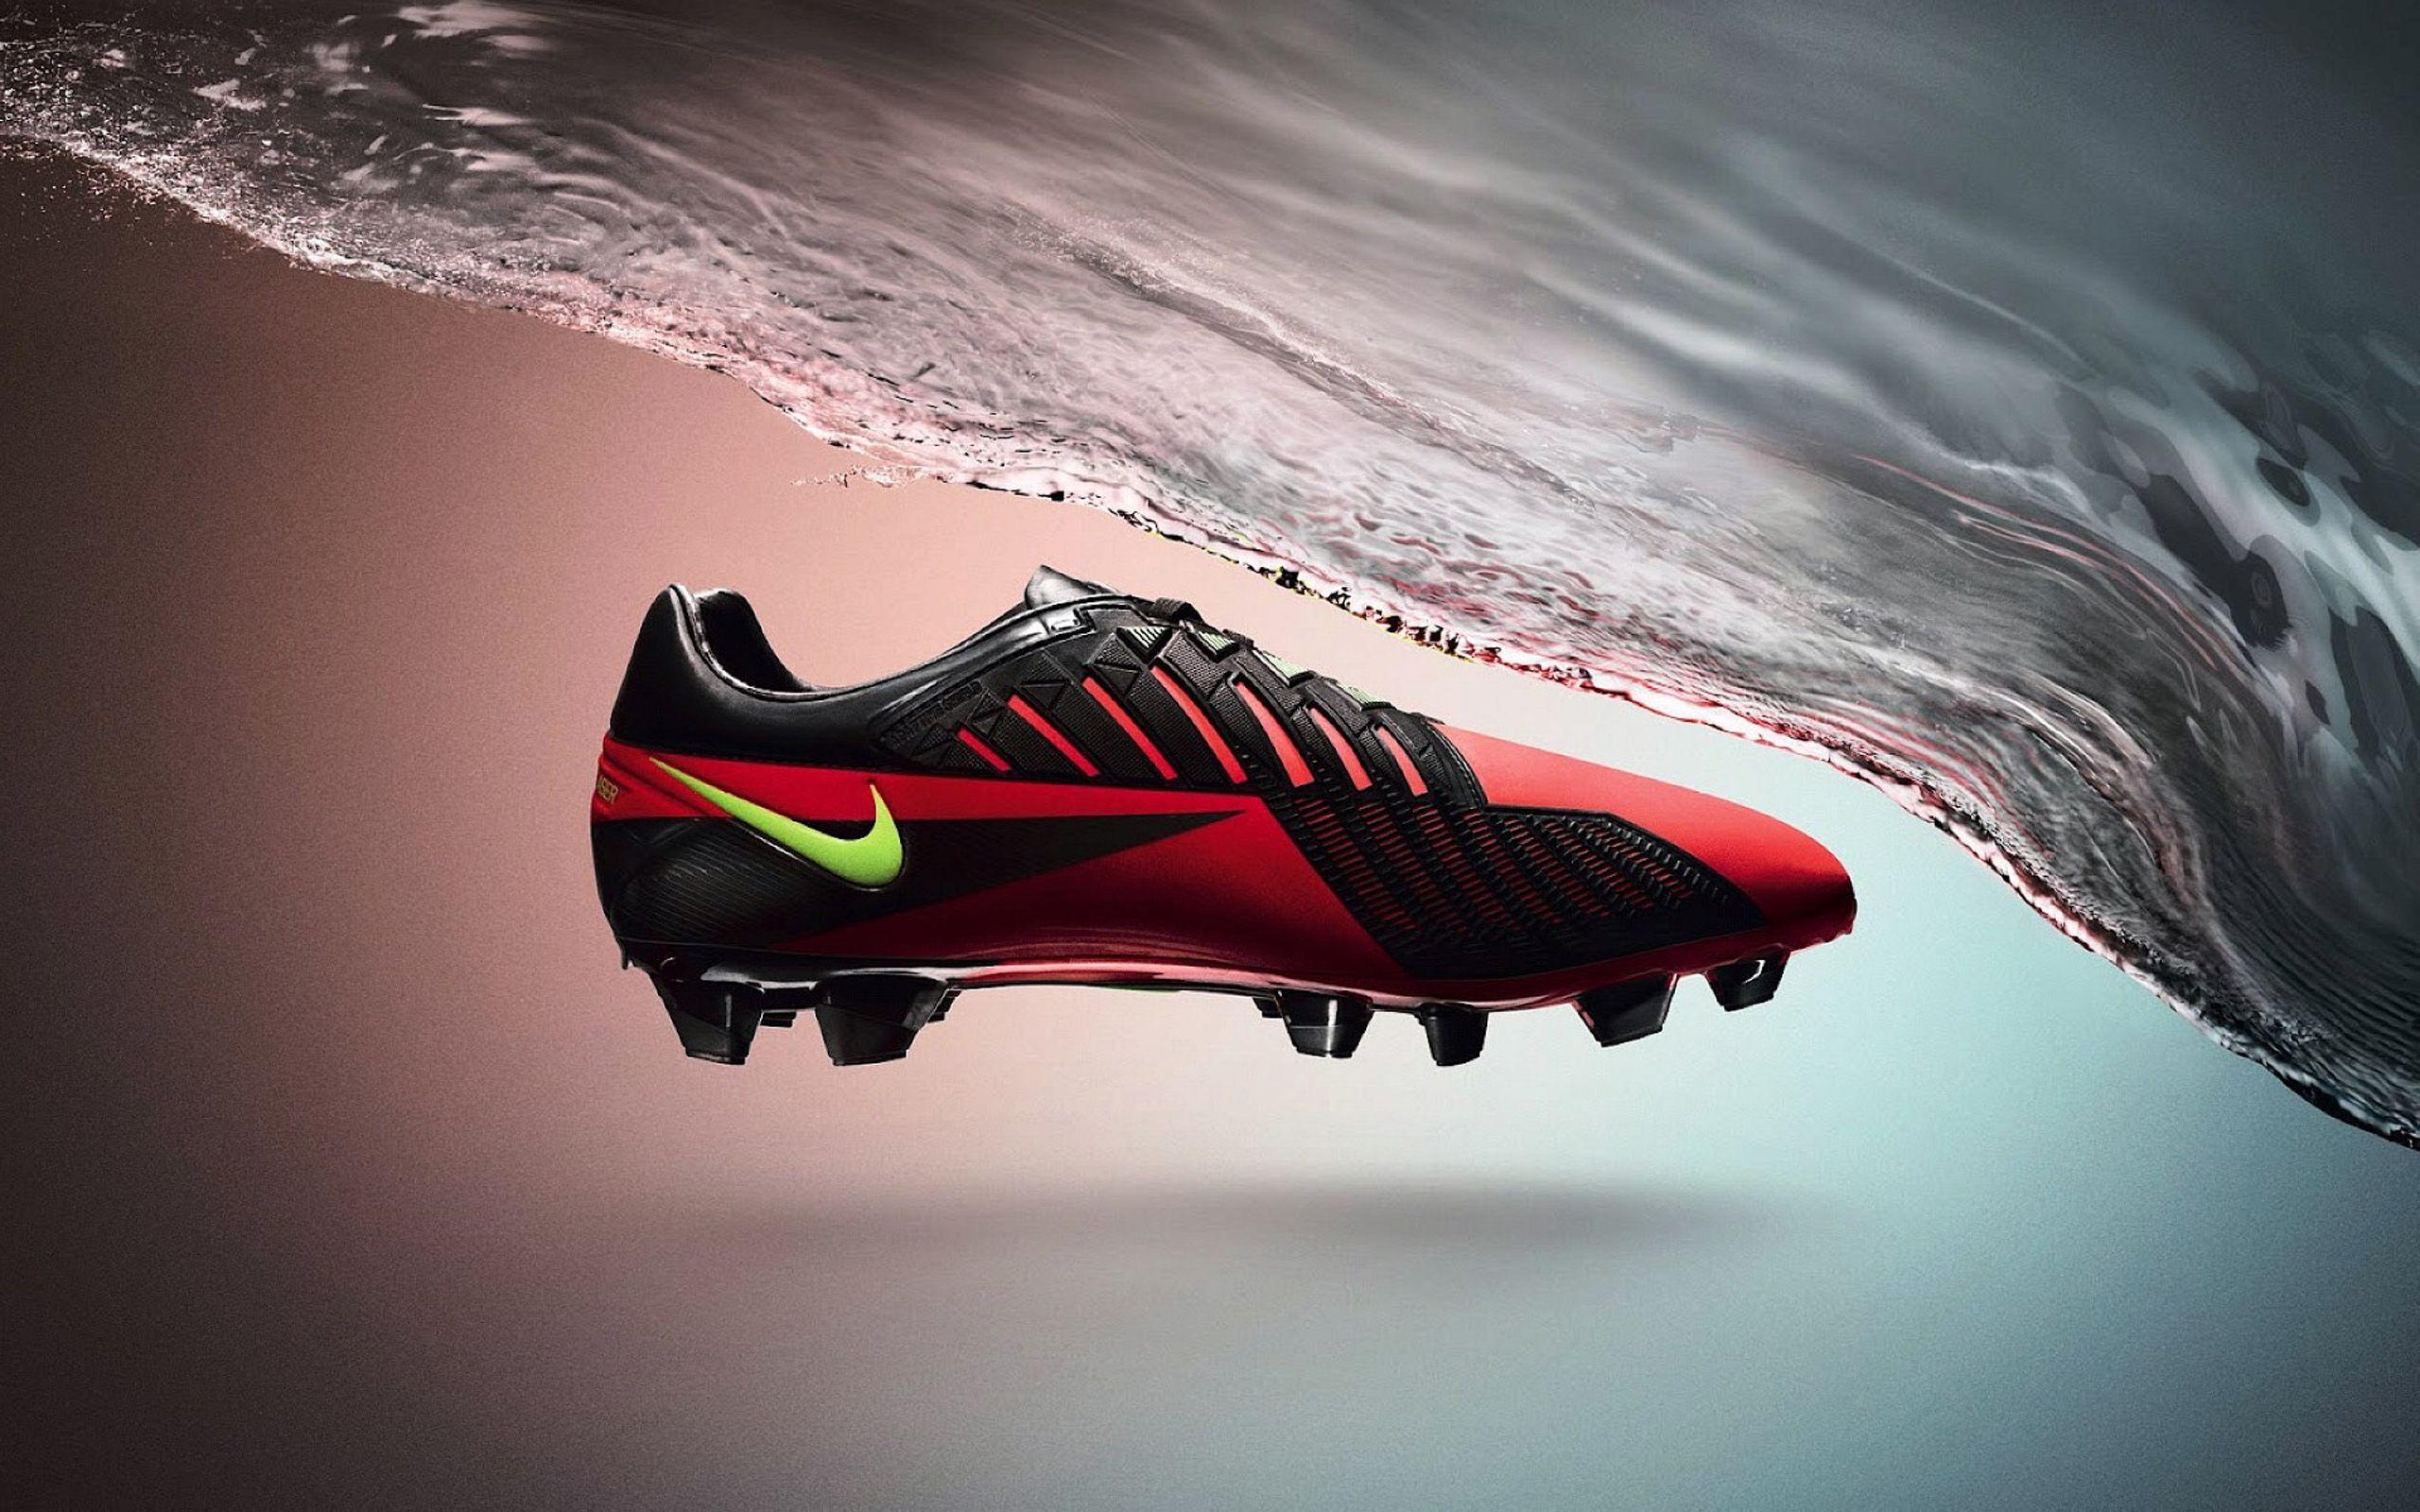 nike football shoes wallpaper